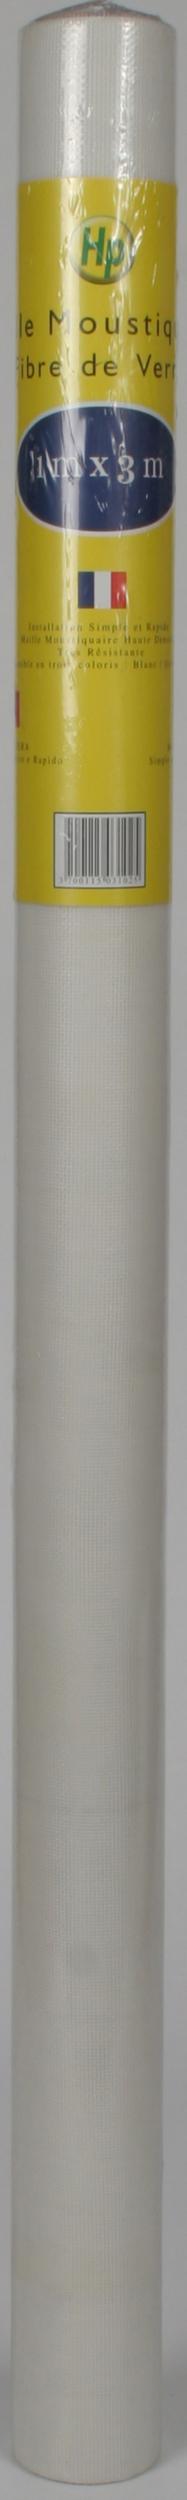 256-maille-moustiquaire-en-fibre-de-verre-coloris-blanc